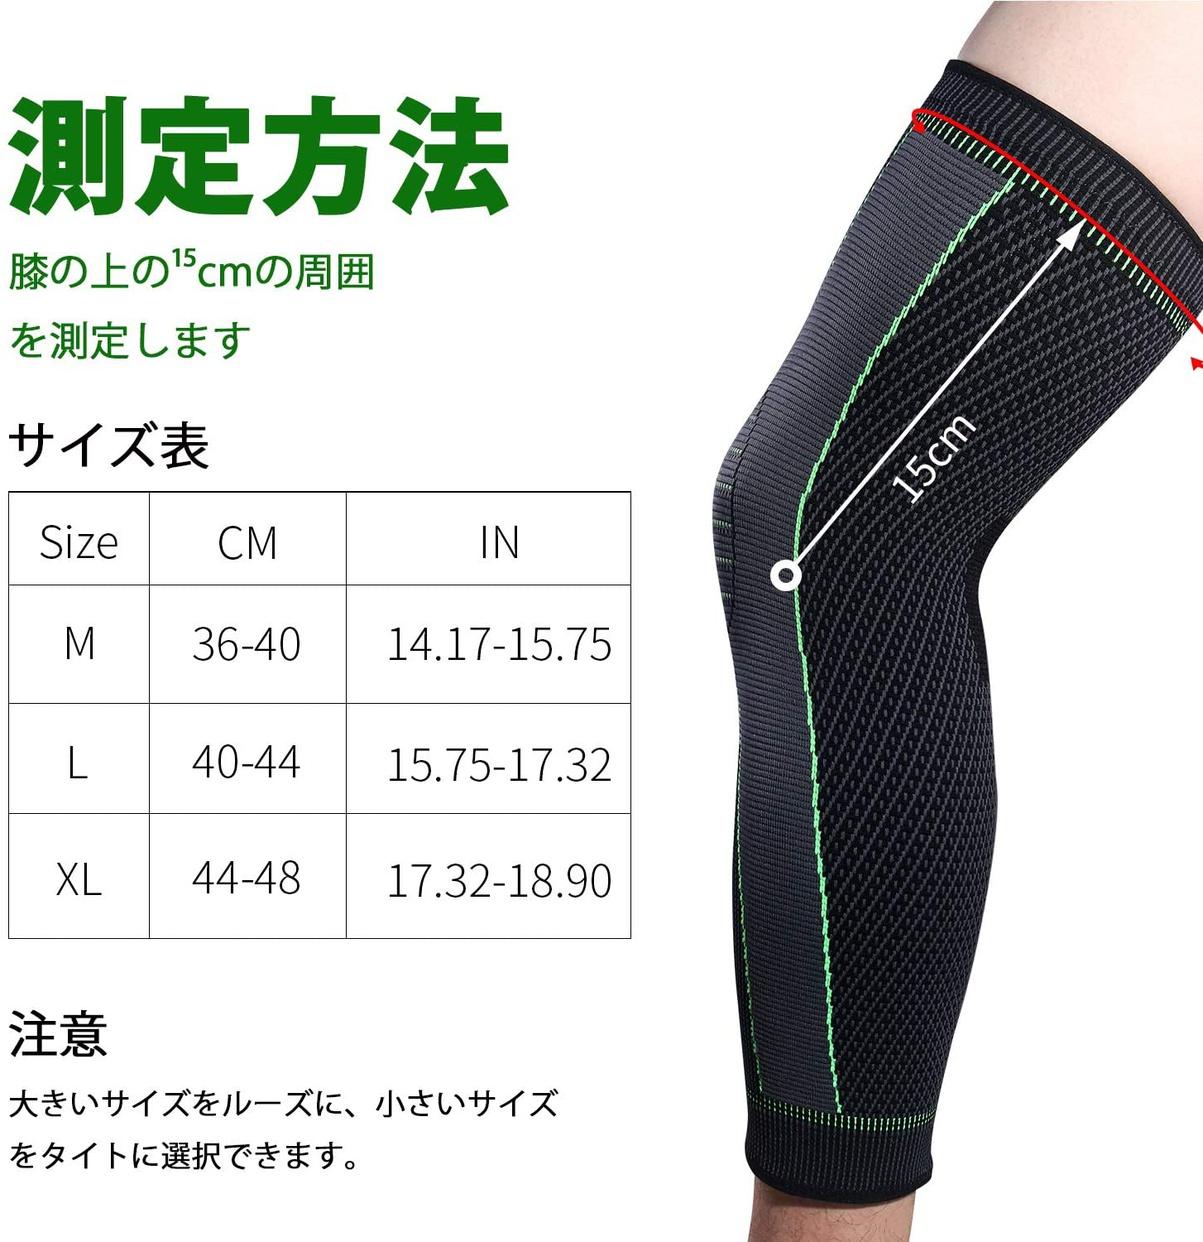 SKDK(エスケーディーケー) 膝サポーター ロングコンプレッションレッグスリーブの商品画像5